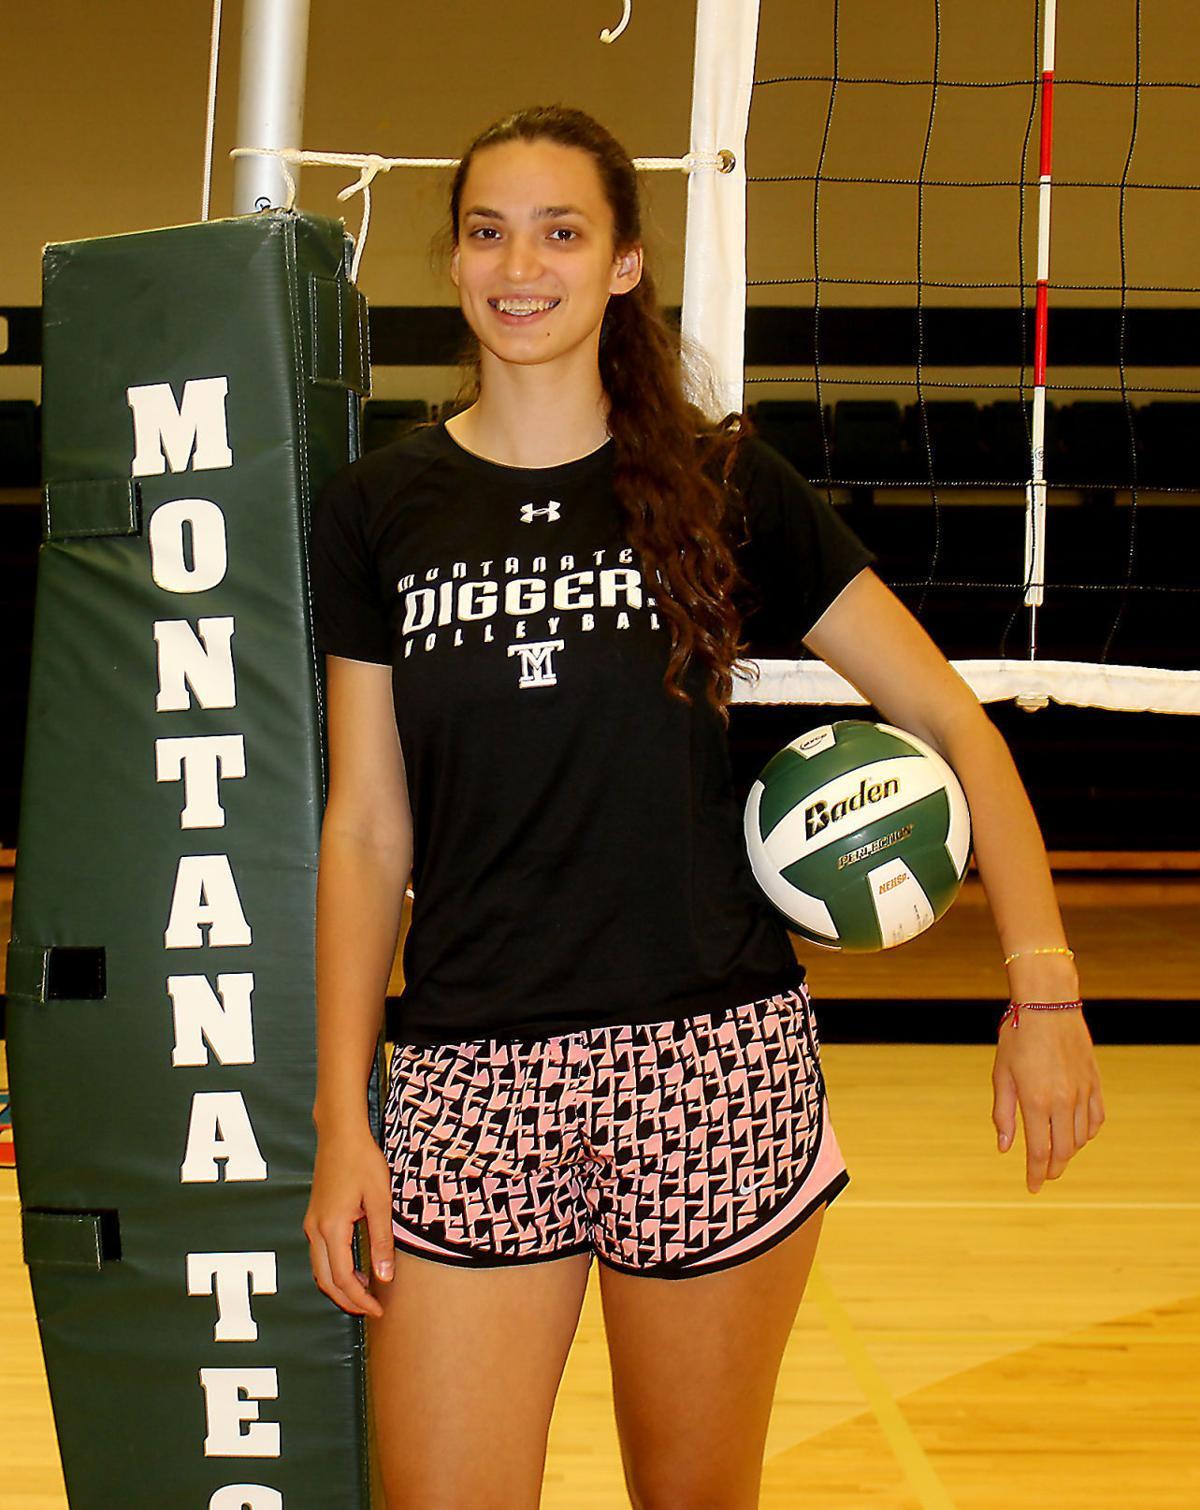 Tech volleyball player Masha Korol